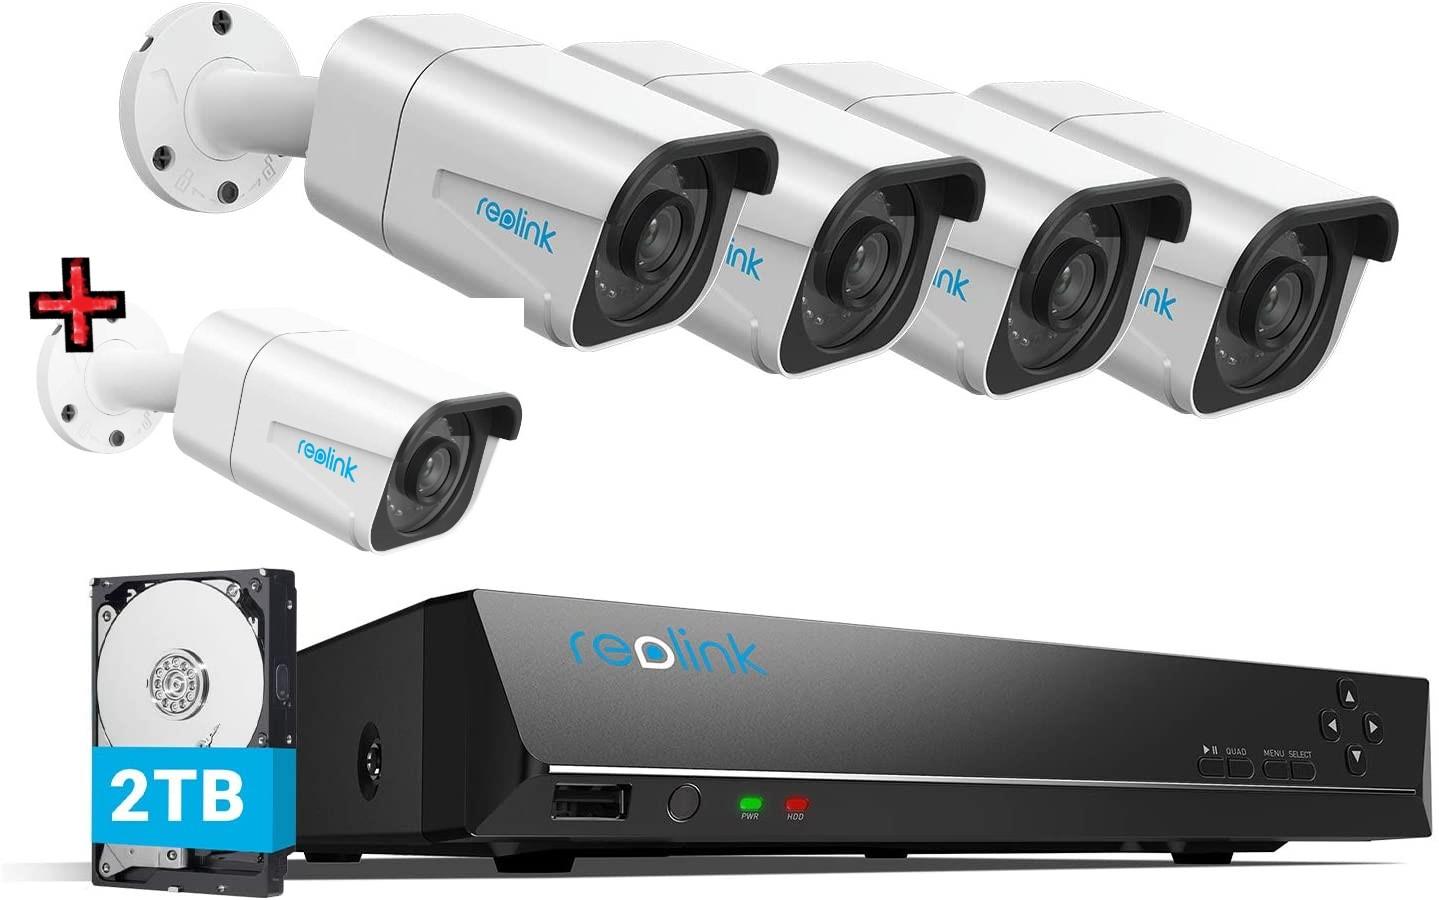 [Reolink] Reolink 8 Kanal Überwachungskamera Set RLK8-800B4 mit 5X 8Megapixel PoE IP Kamera und 2TB HDD NVR für 24/7 Aufnahme